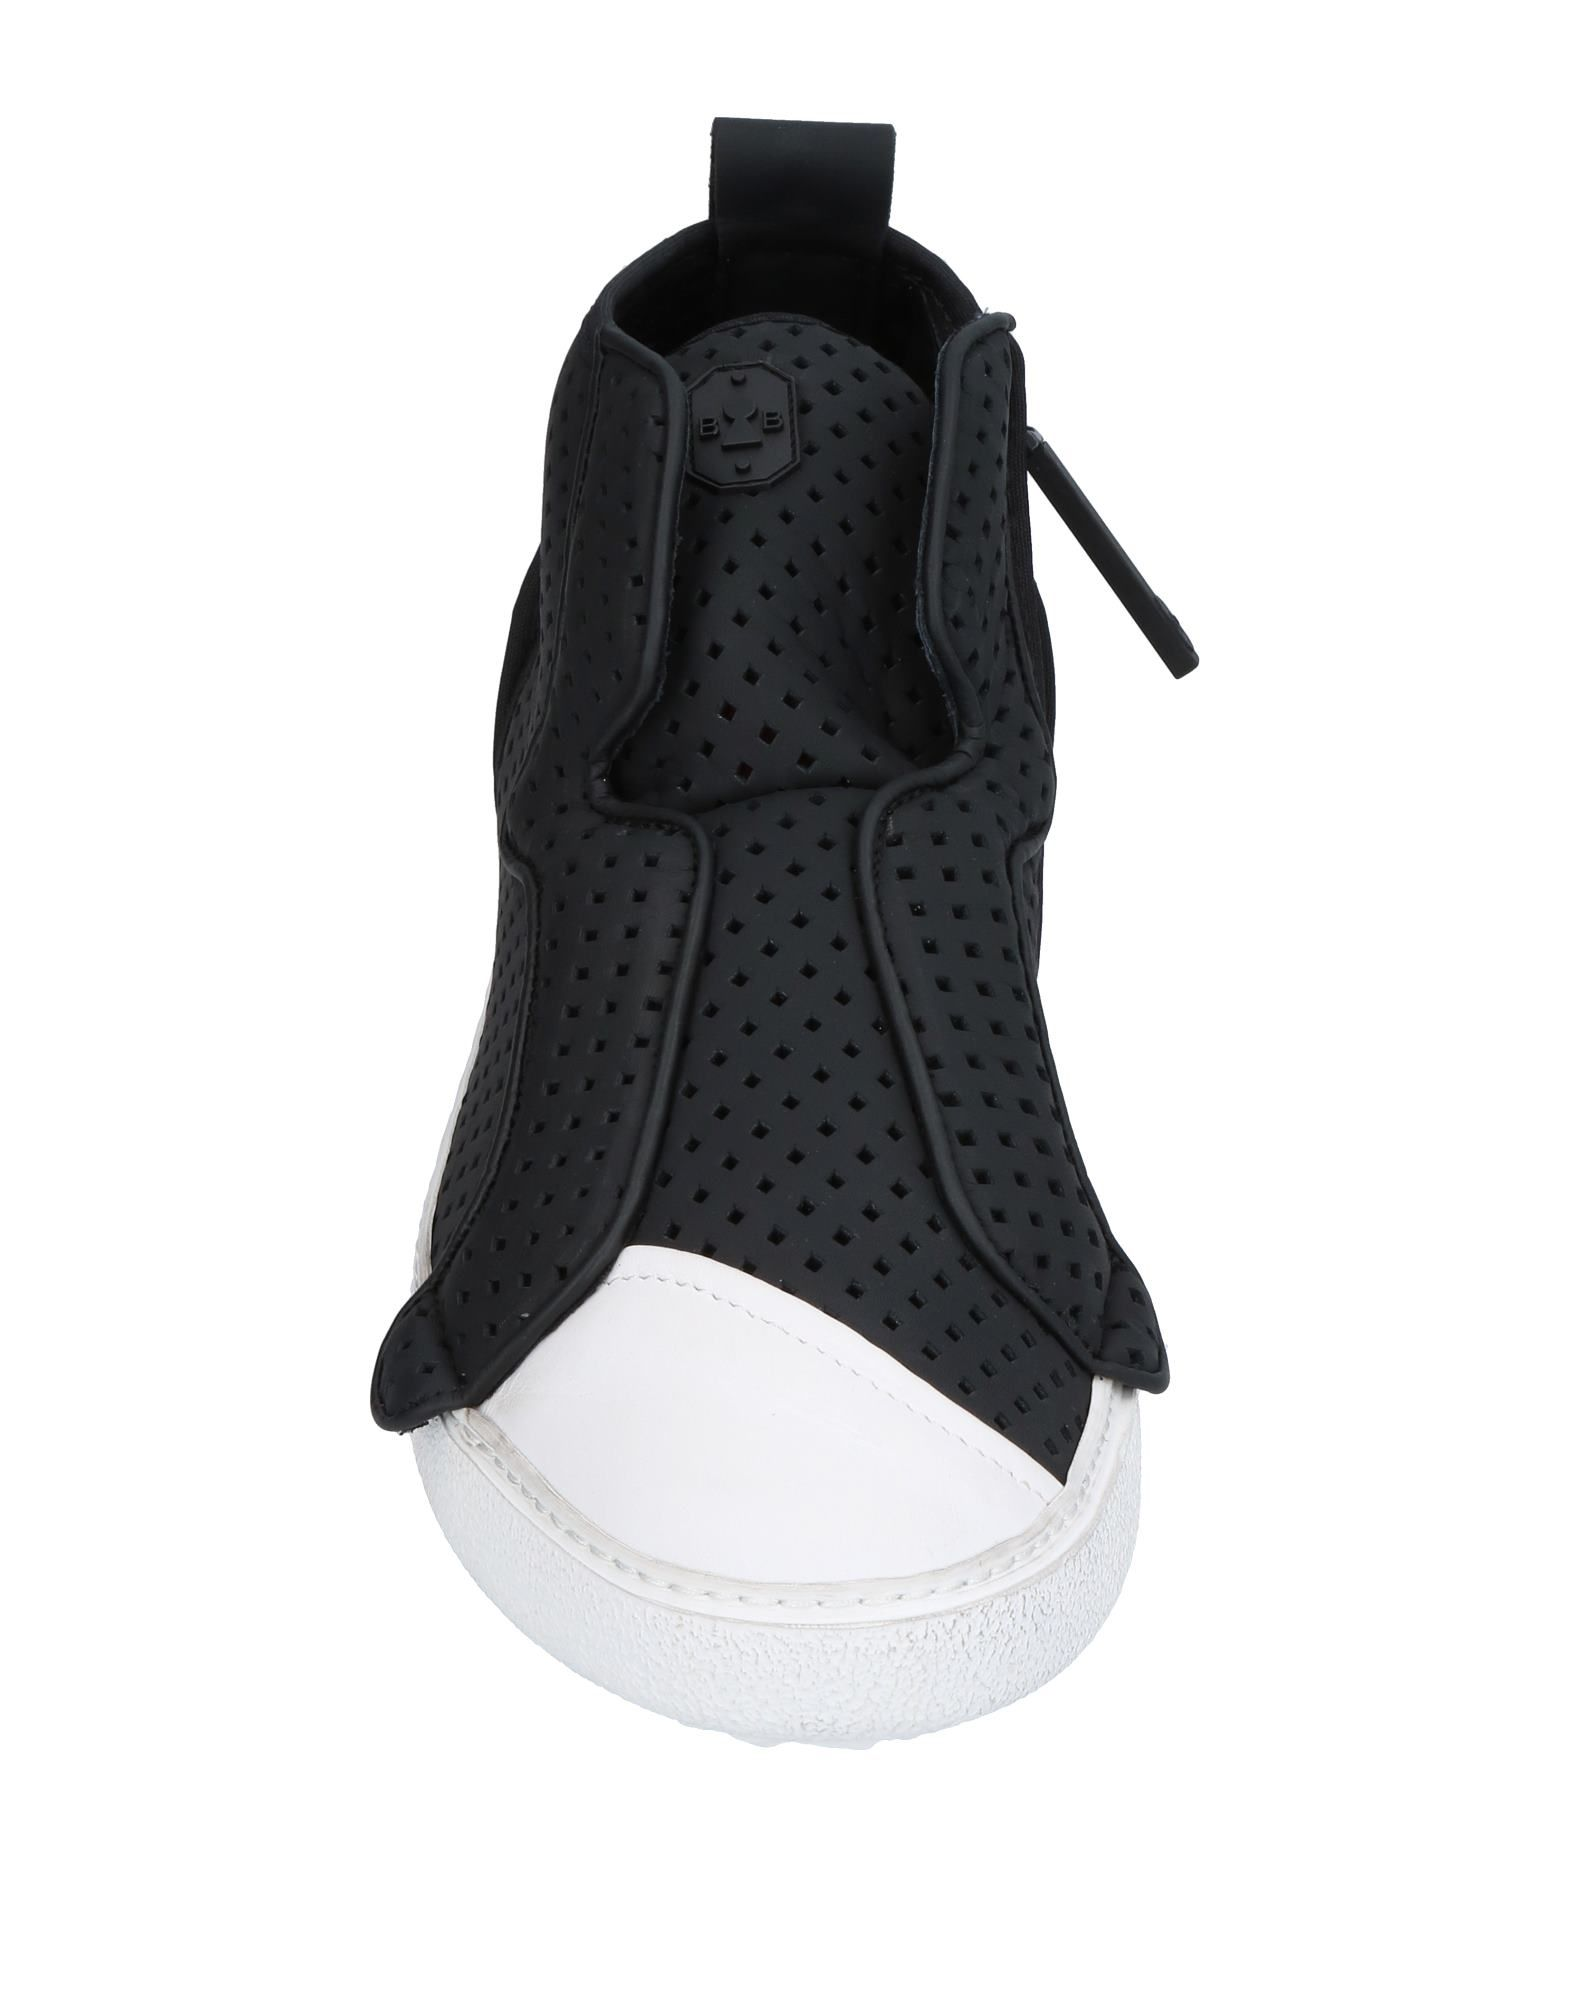 Bruno Herren Bordese Sneakers Herren Bruno  11398957SR 3405f2